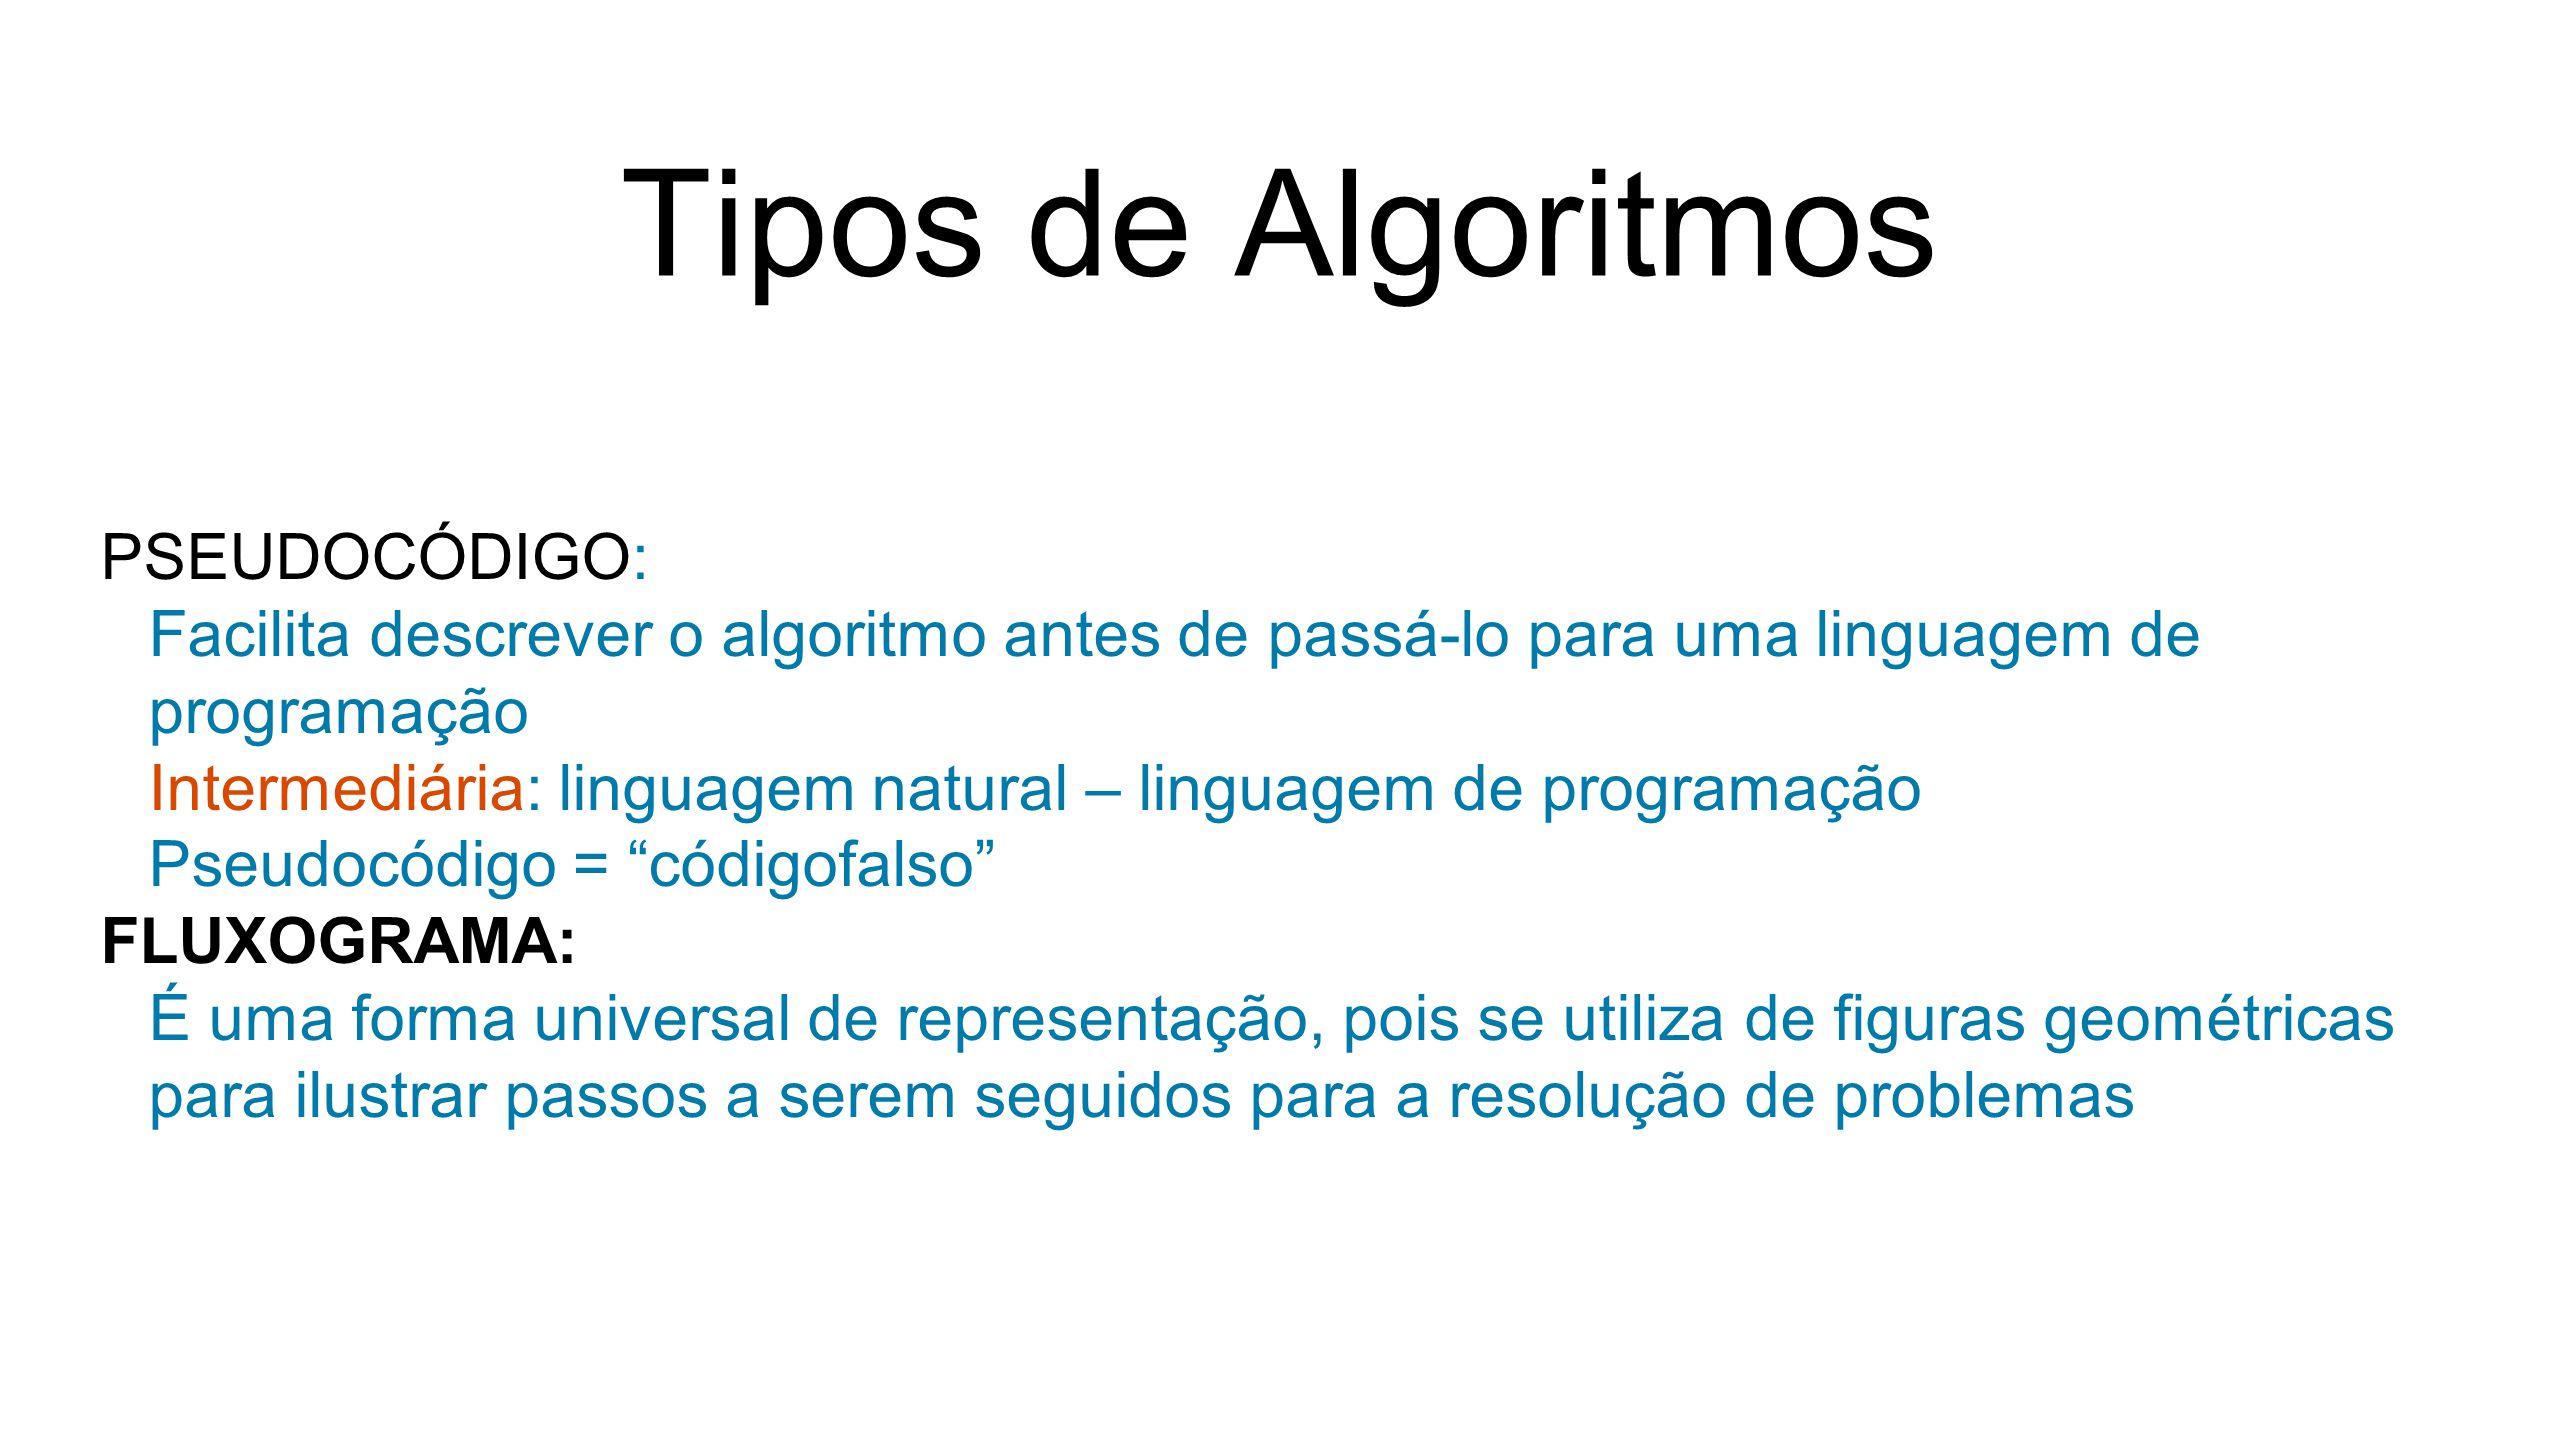 Tipos de Algoritmos PSEUDOCÓDIGO: Facilita descrever o algoritmo antes de passá-lo para uma linguagem de programação Intermediária: linguagem natural – linguagem de programação Pseudocódigo = códigofalso FLUXOGRAMA: É uma forma universal de representação, pois se utiliza de figuras geométricas para ilustrar passos a serem seguidos para a resolução de problemas